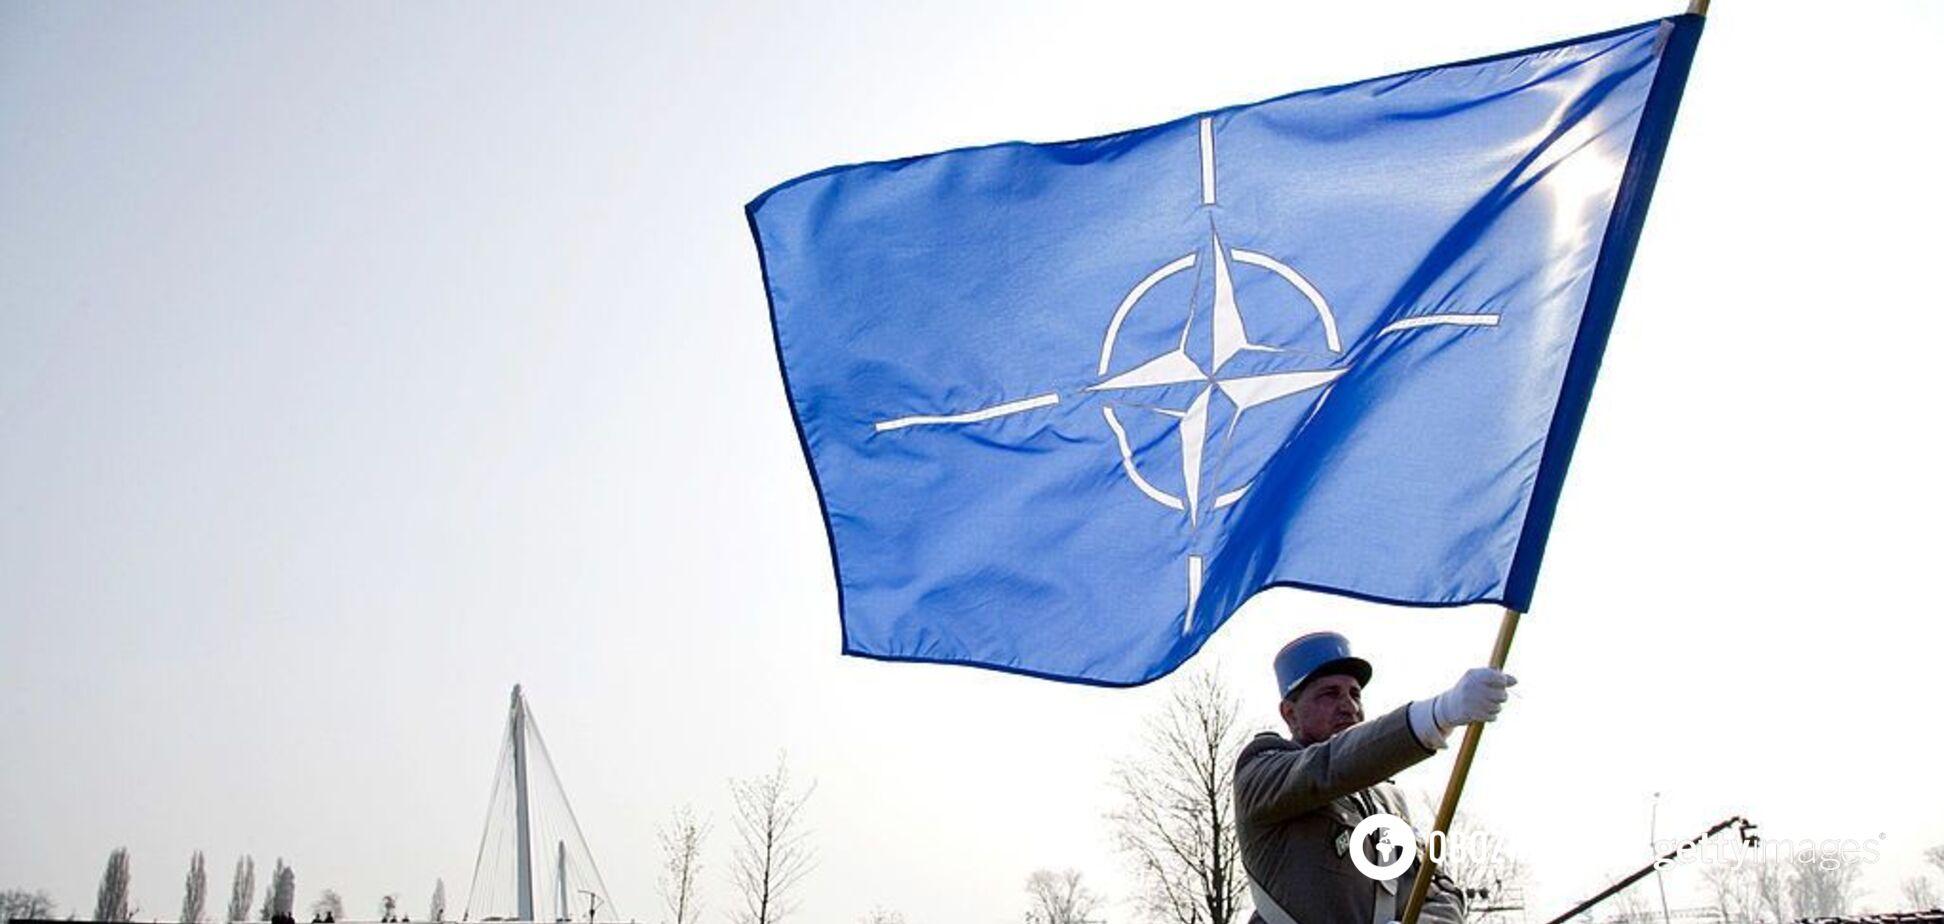 Рада дозволила проведення сесії НАТО у Києві: що це означає